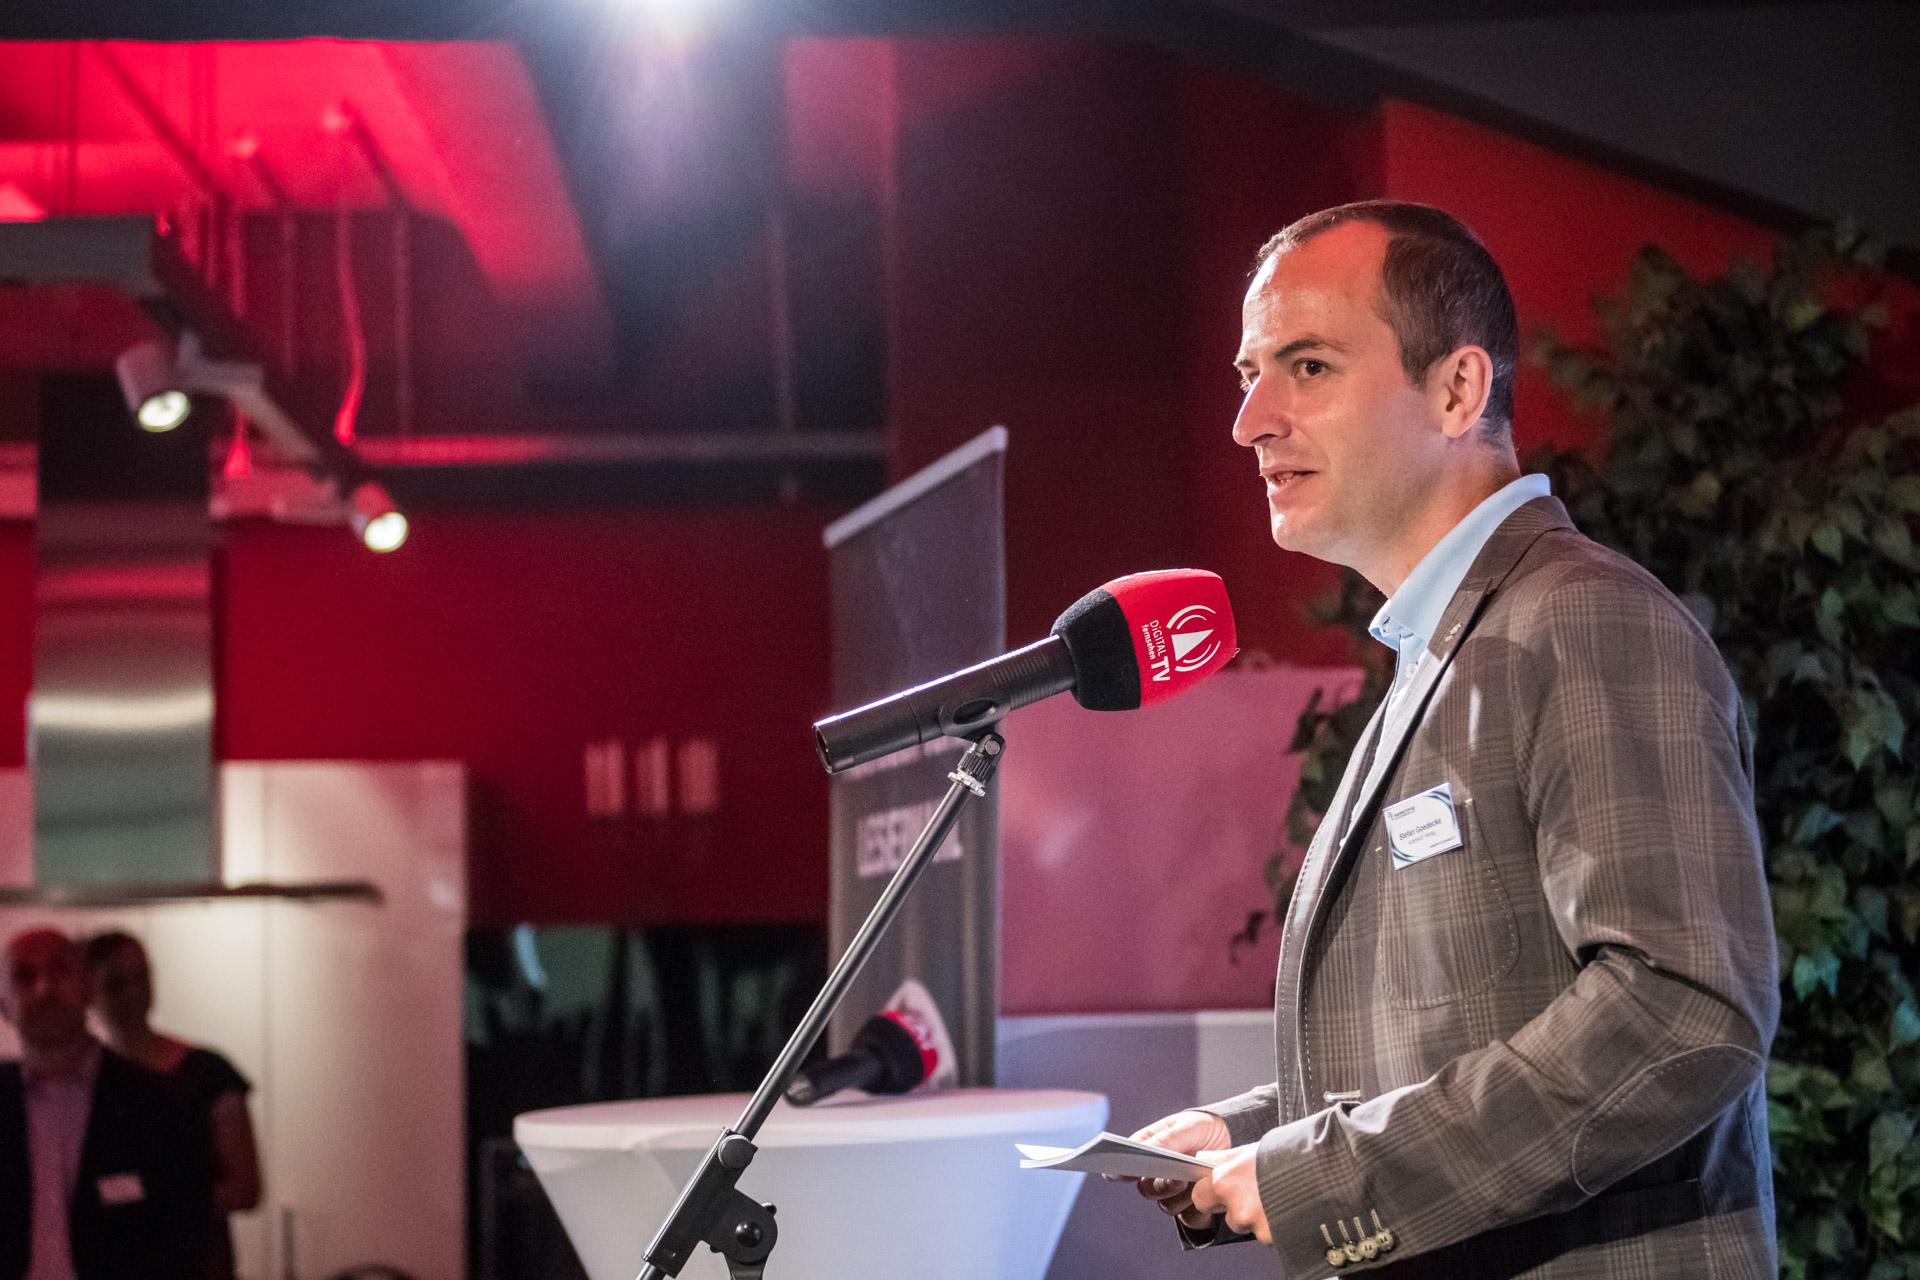 Stefan Goedecke, Chefredakteur der AUDIO TEST und Herausgeber, präsentierte alle Preisträger vor und gratulierte den Gewinnern